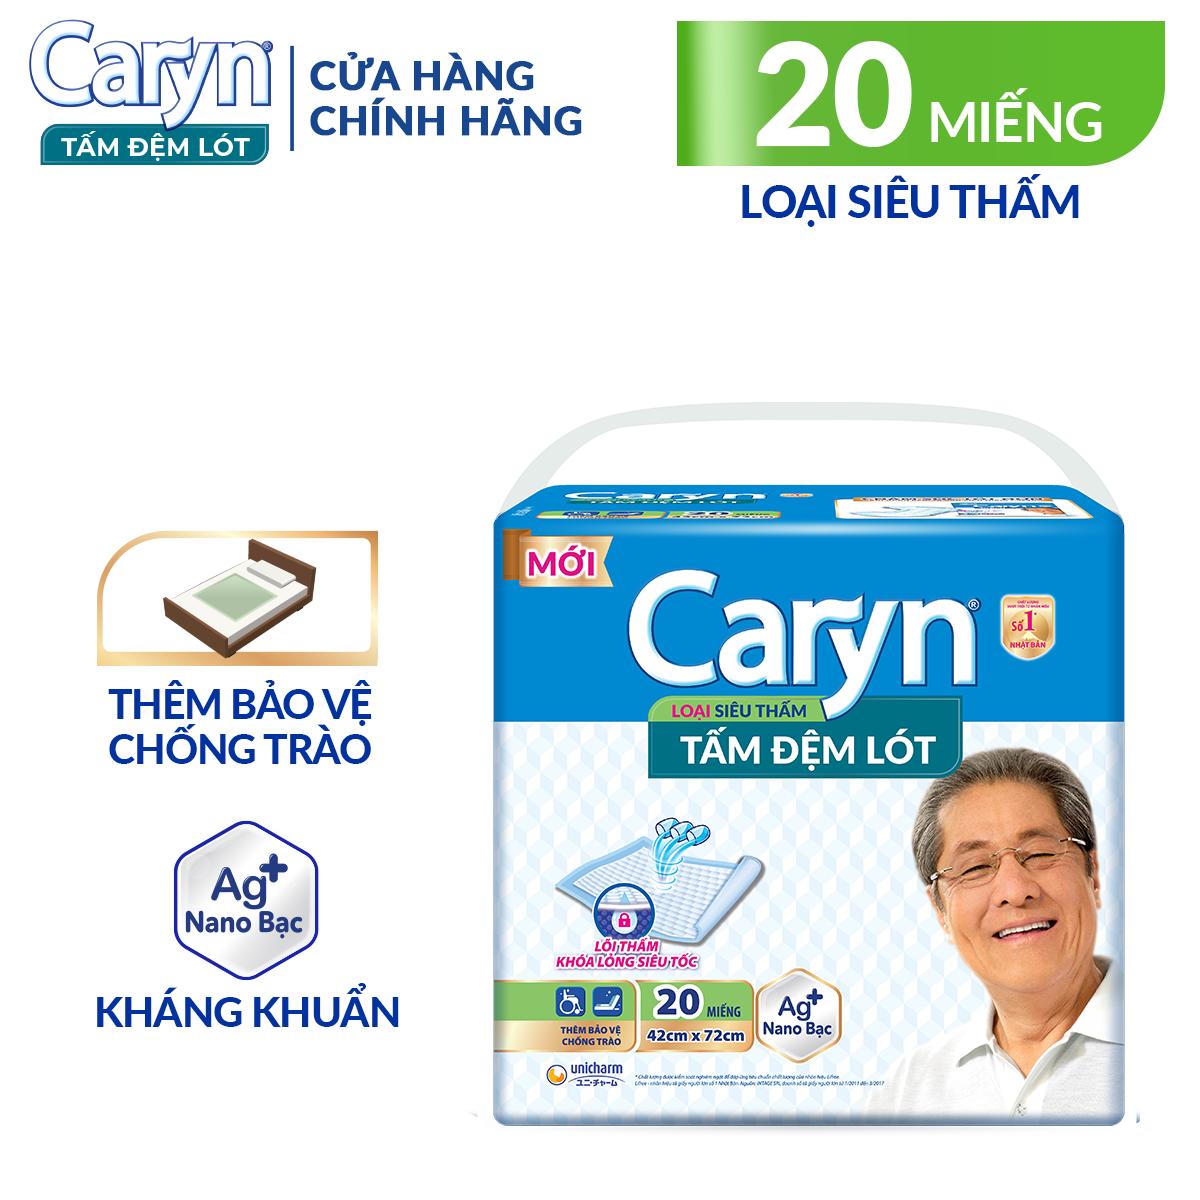 Tấm đệm lót Caryn siêu thấm 20 miếng giúp bảo vệ chống trào, với công nghệ nano bạc kháng khuẩn ngăn ngừa vi khuẩn và kiểm soát mùi hiệu quả